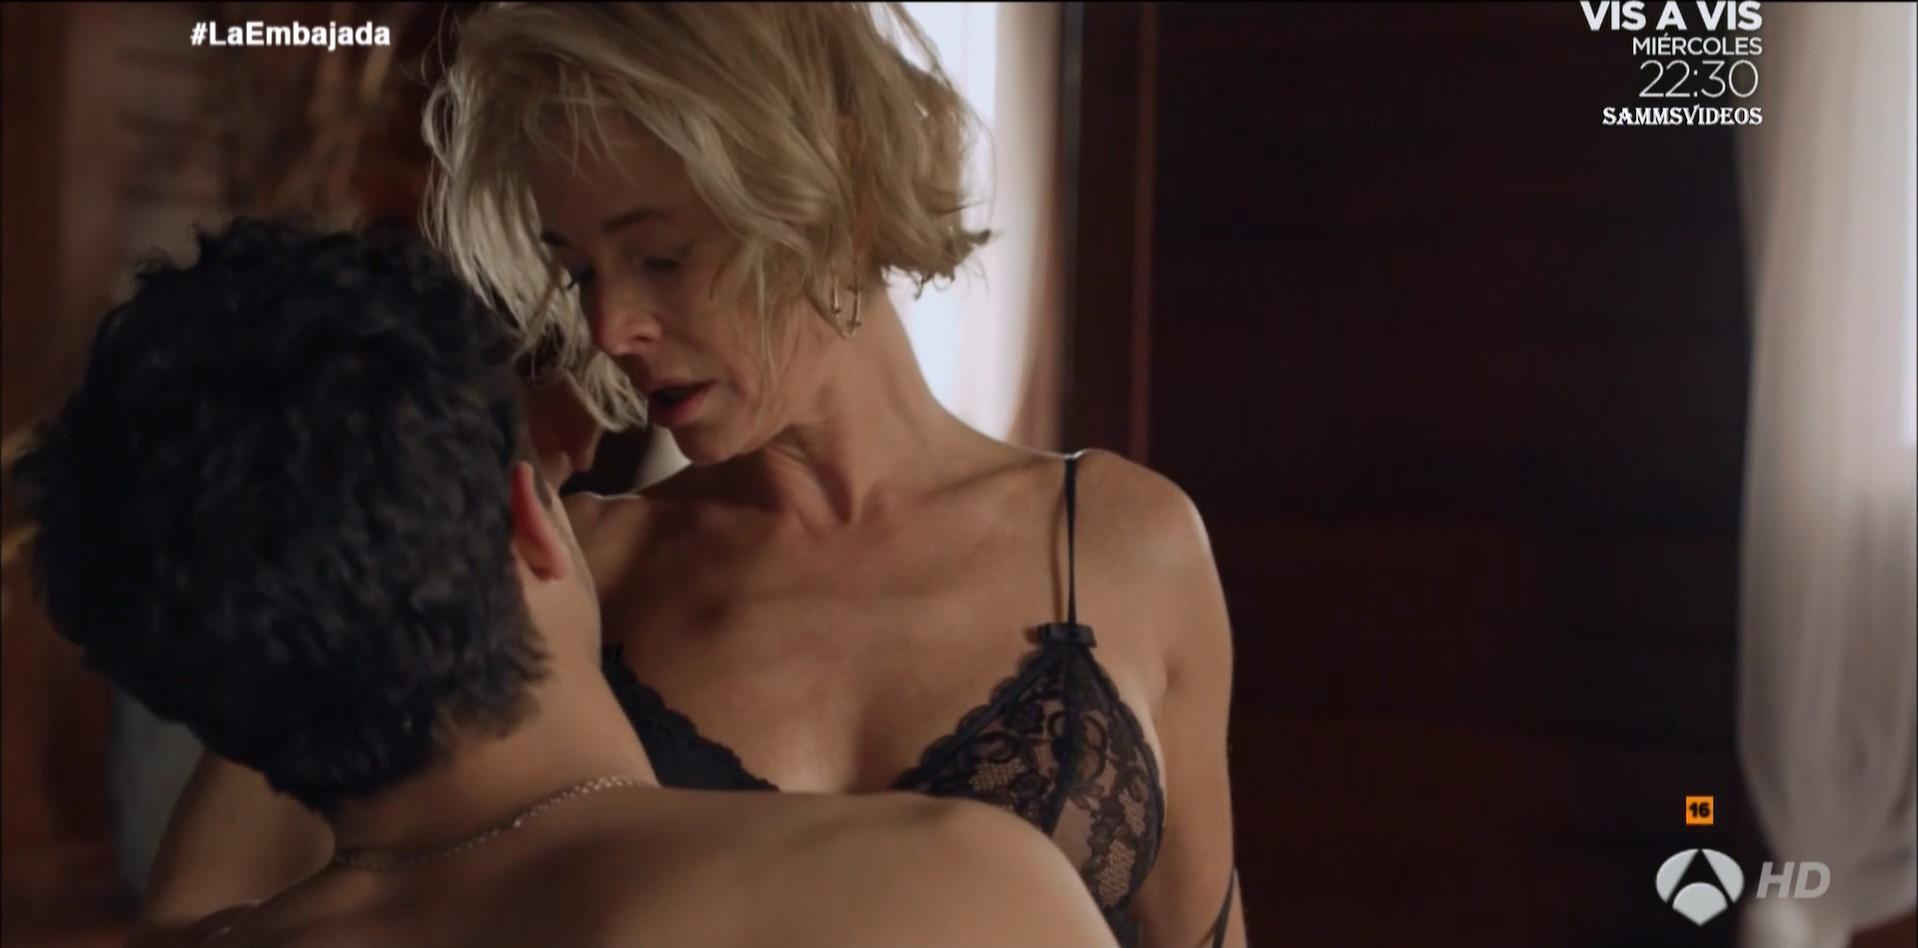 Belen Rueda sexy - La embajada s01e01 (2016)